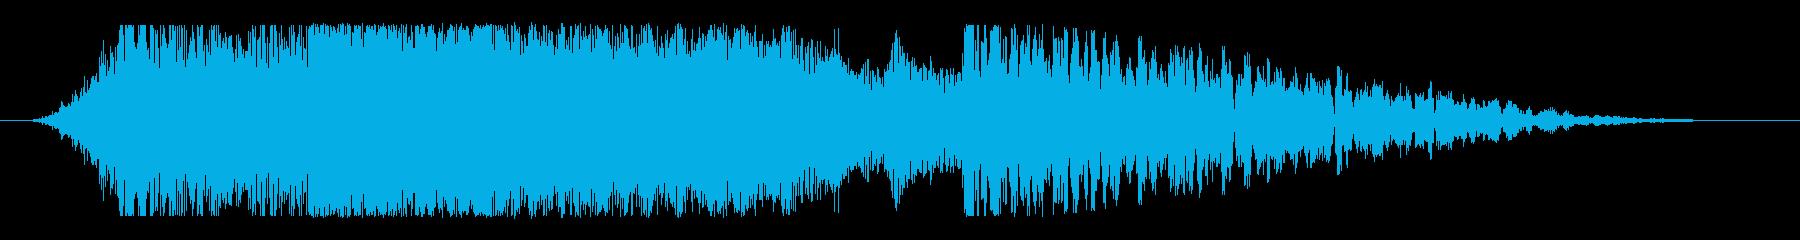 強烈なスピン!インパクトある映像ロゴ向けの再生済みの波形